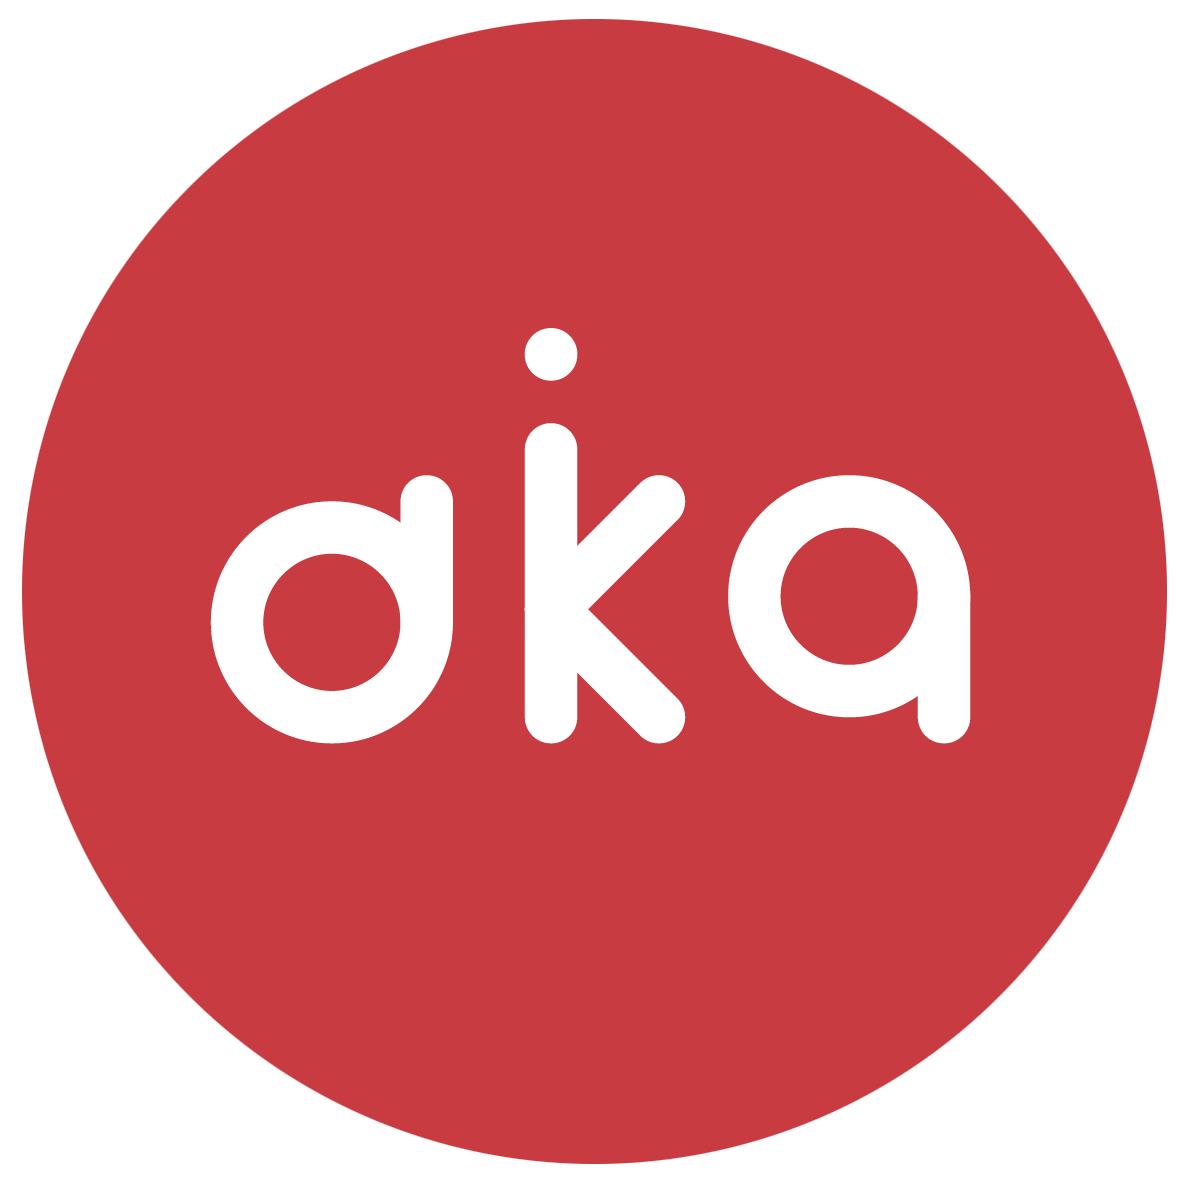 迪卡建筑设计中心